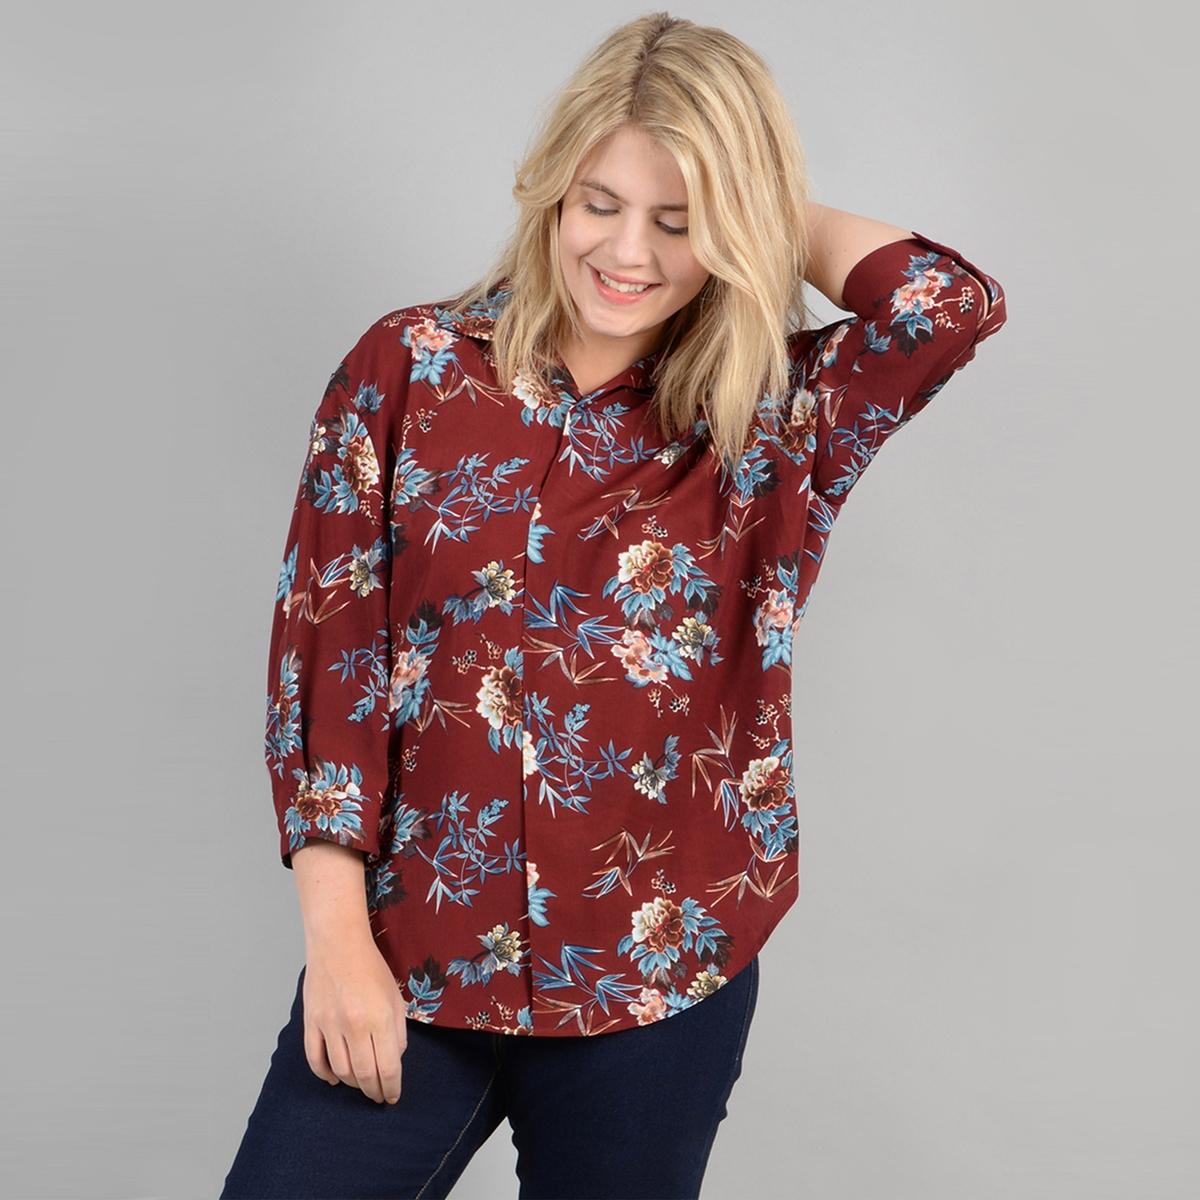 Рубашка La Redoute С цветочным принтом рукава 48 (FR) - 54 (RUS) красный платье миди la redoute с запахом с цветочным принтом 54 fr 60 rus другие